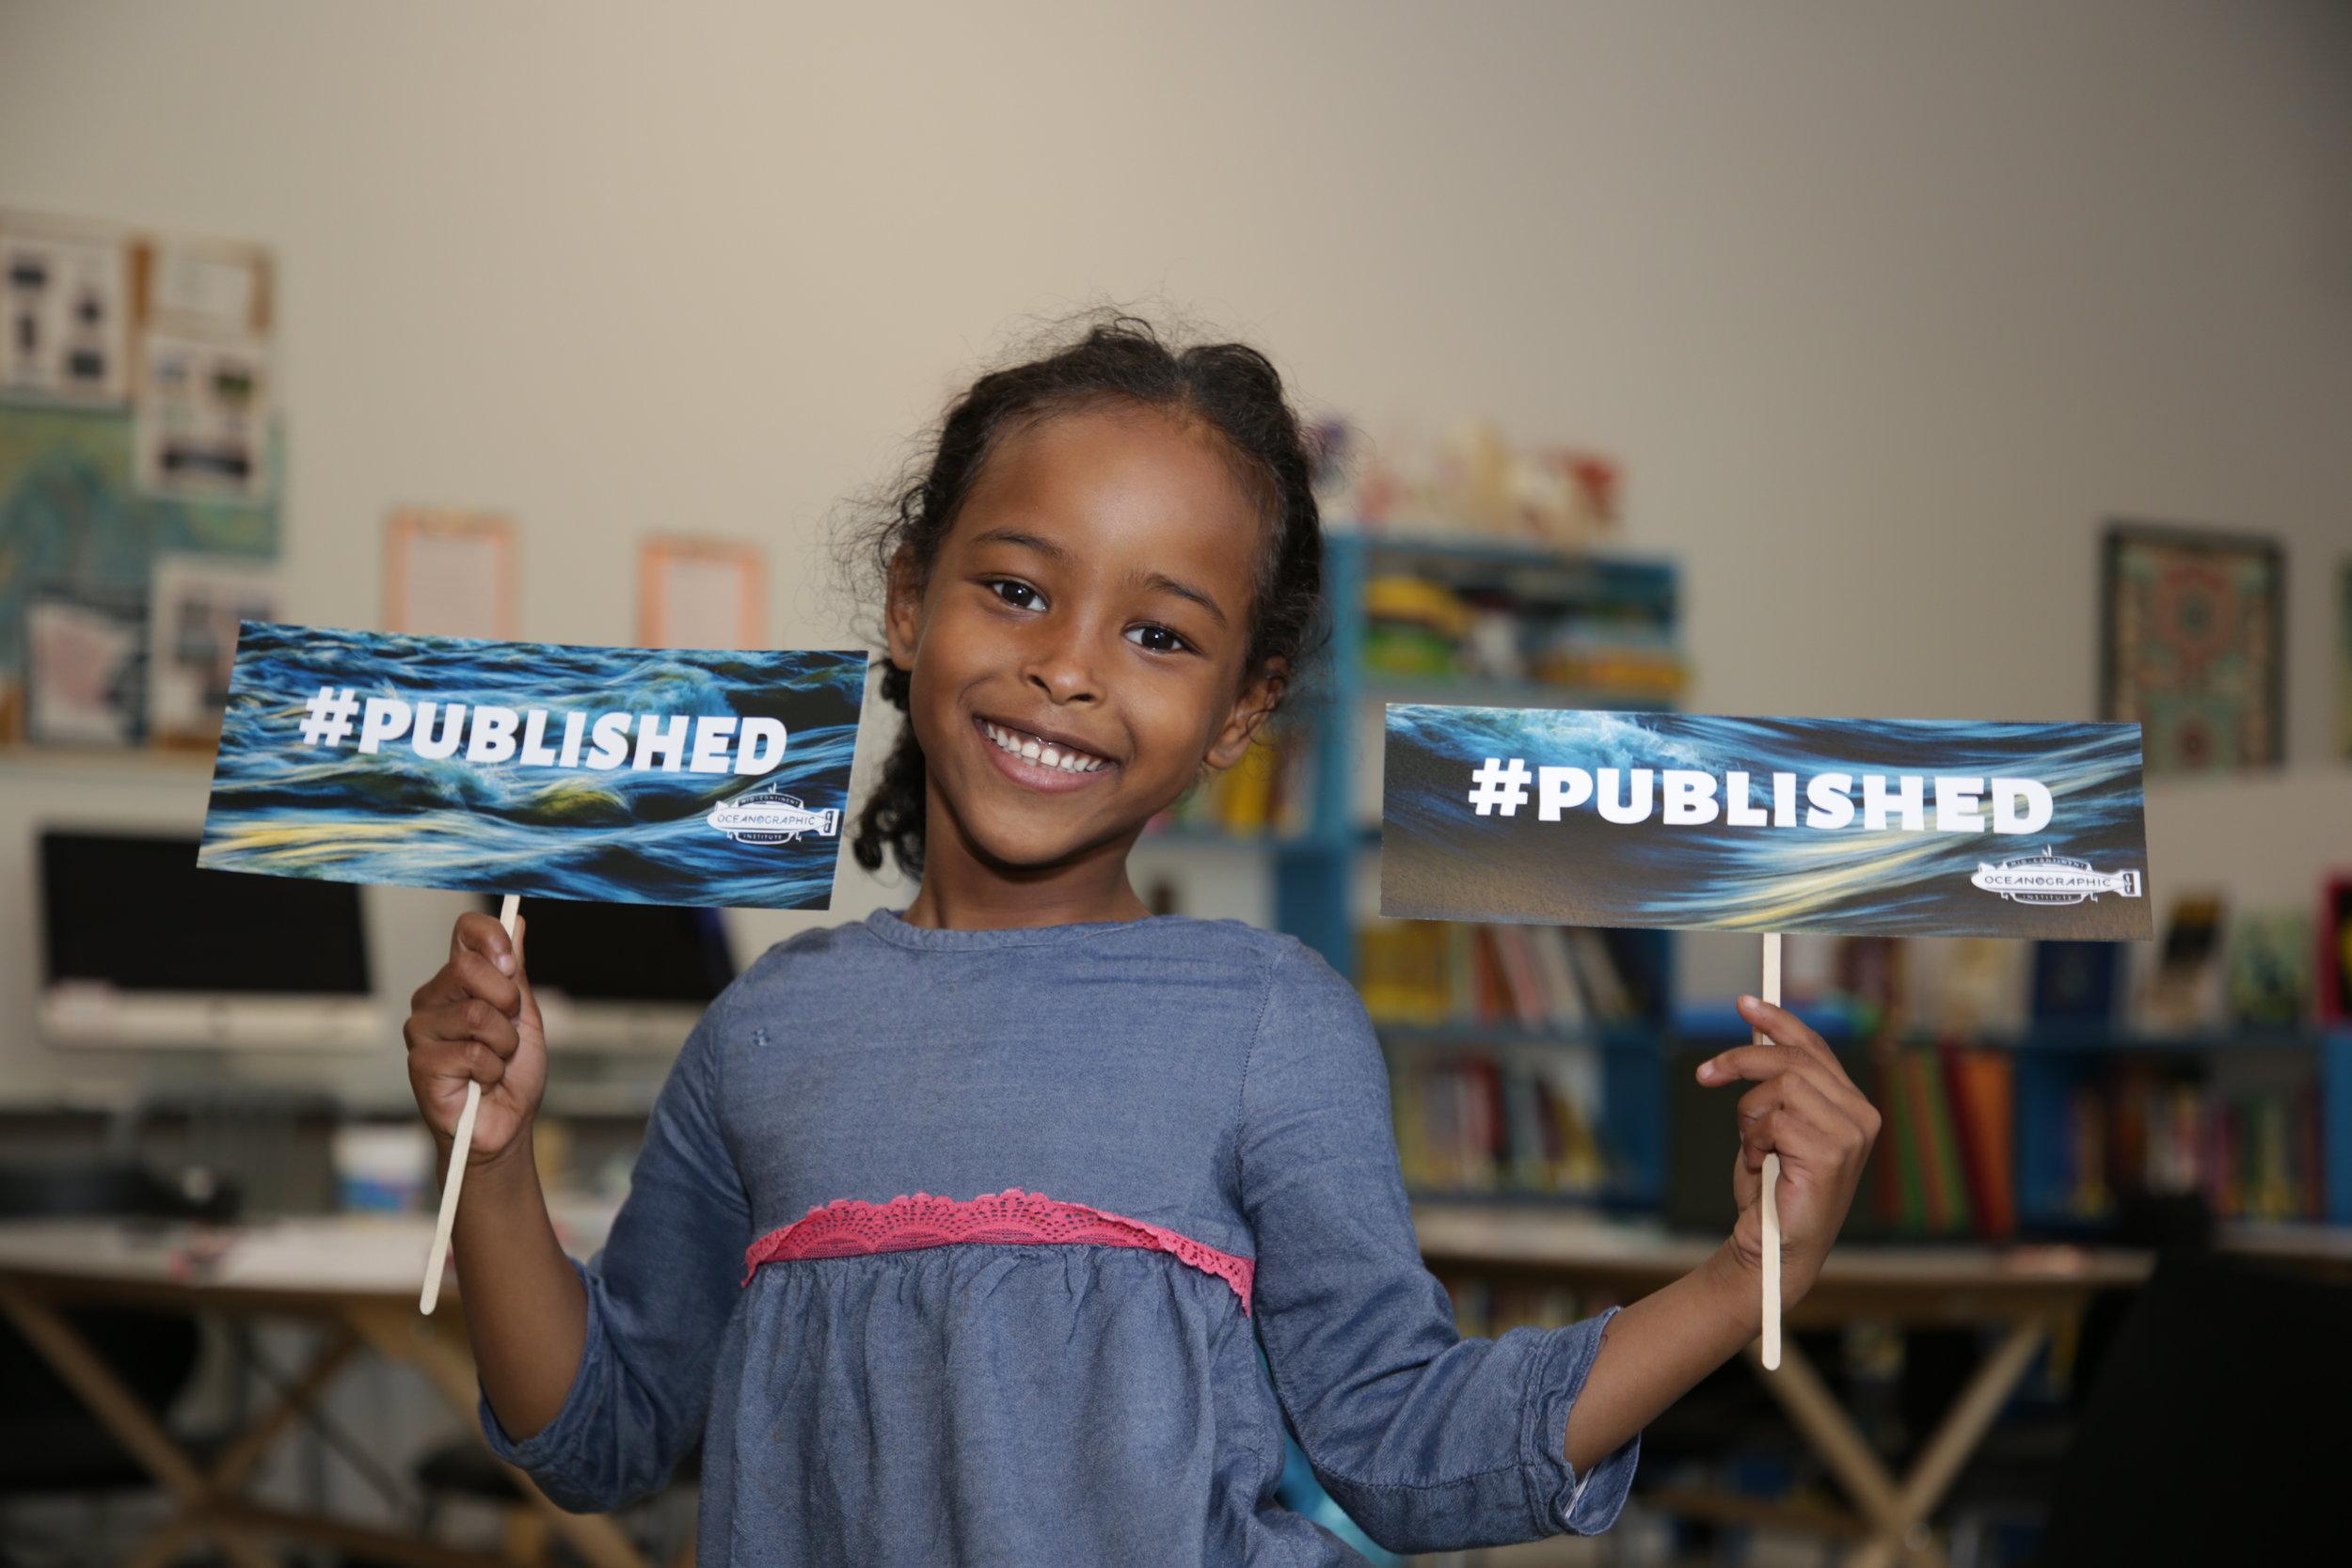 Ilwad celebrating being #published!